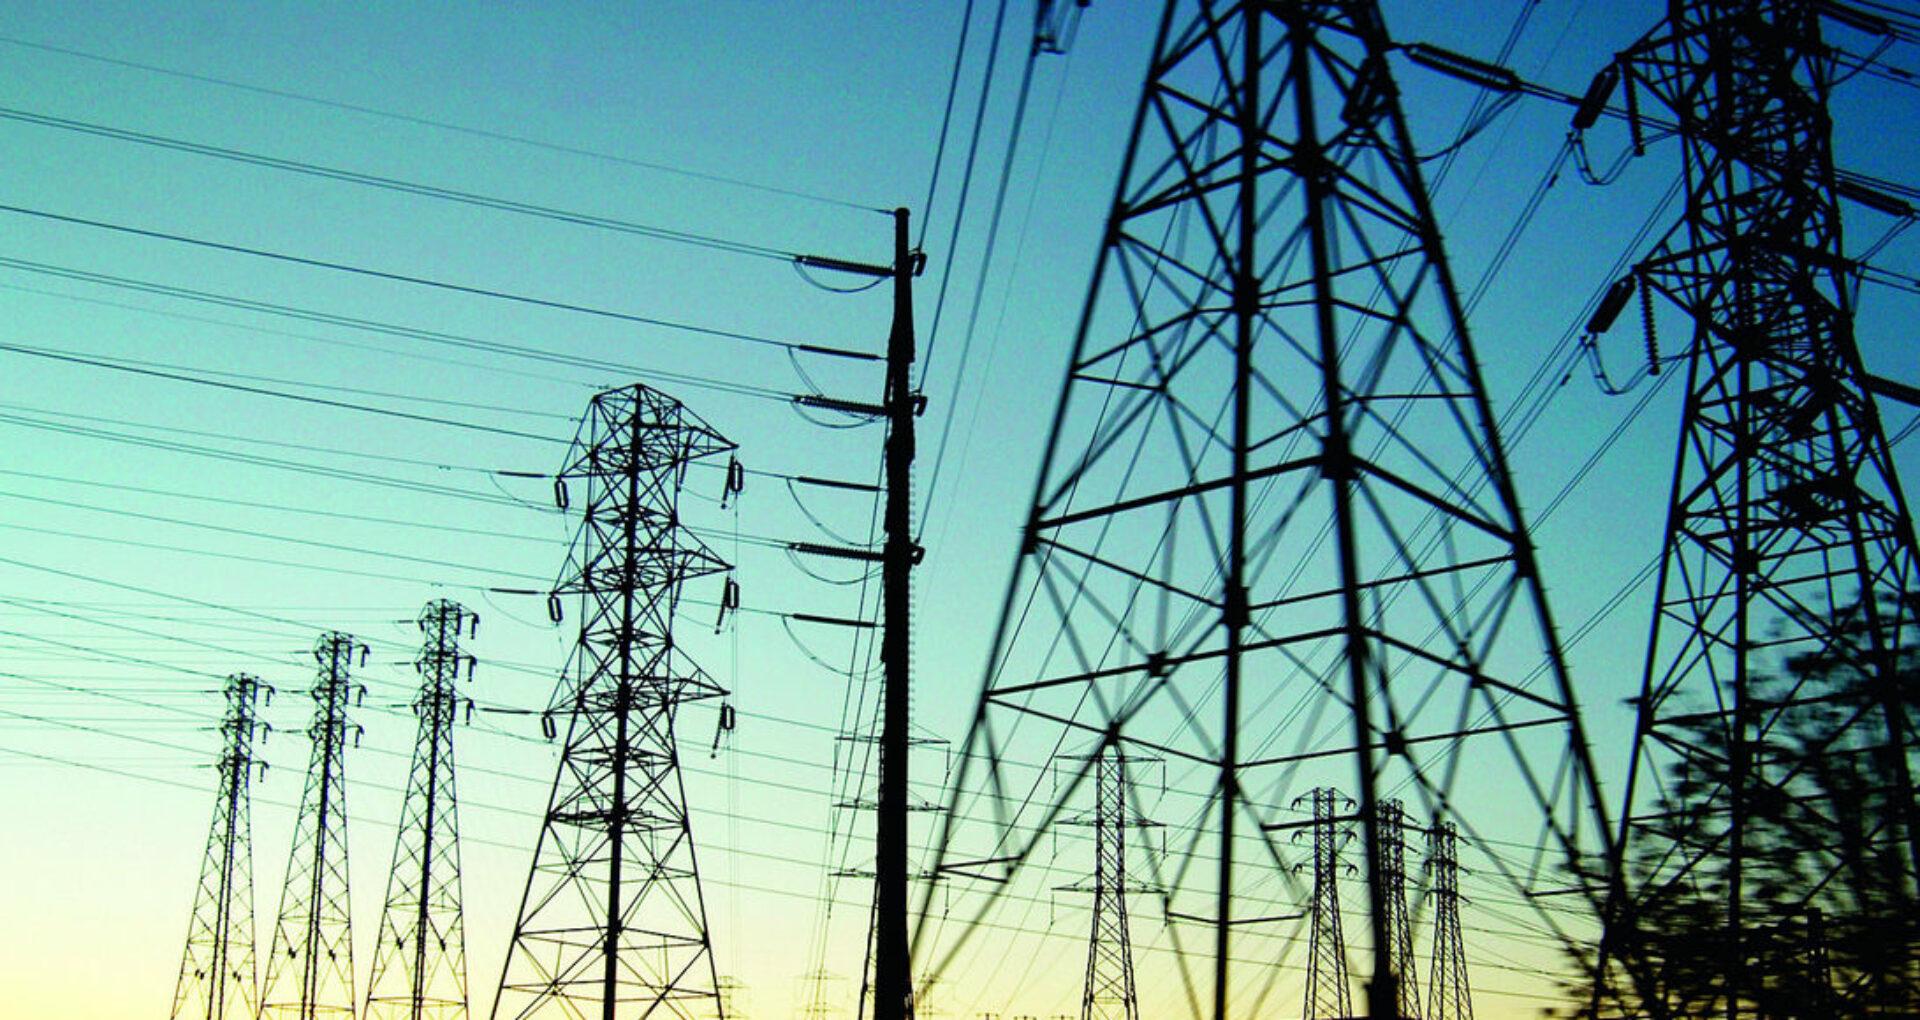 ANRE a aprobat o hotărâre prin care-i obligă pe participanții la piața de energie electrică să semneze contracte de echilibrare